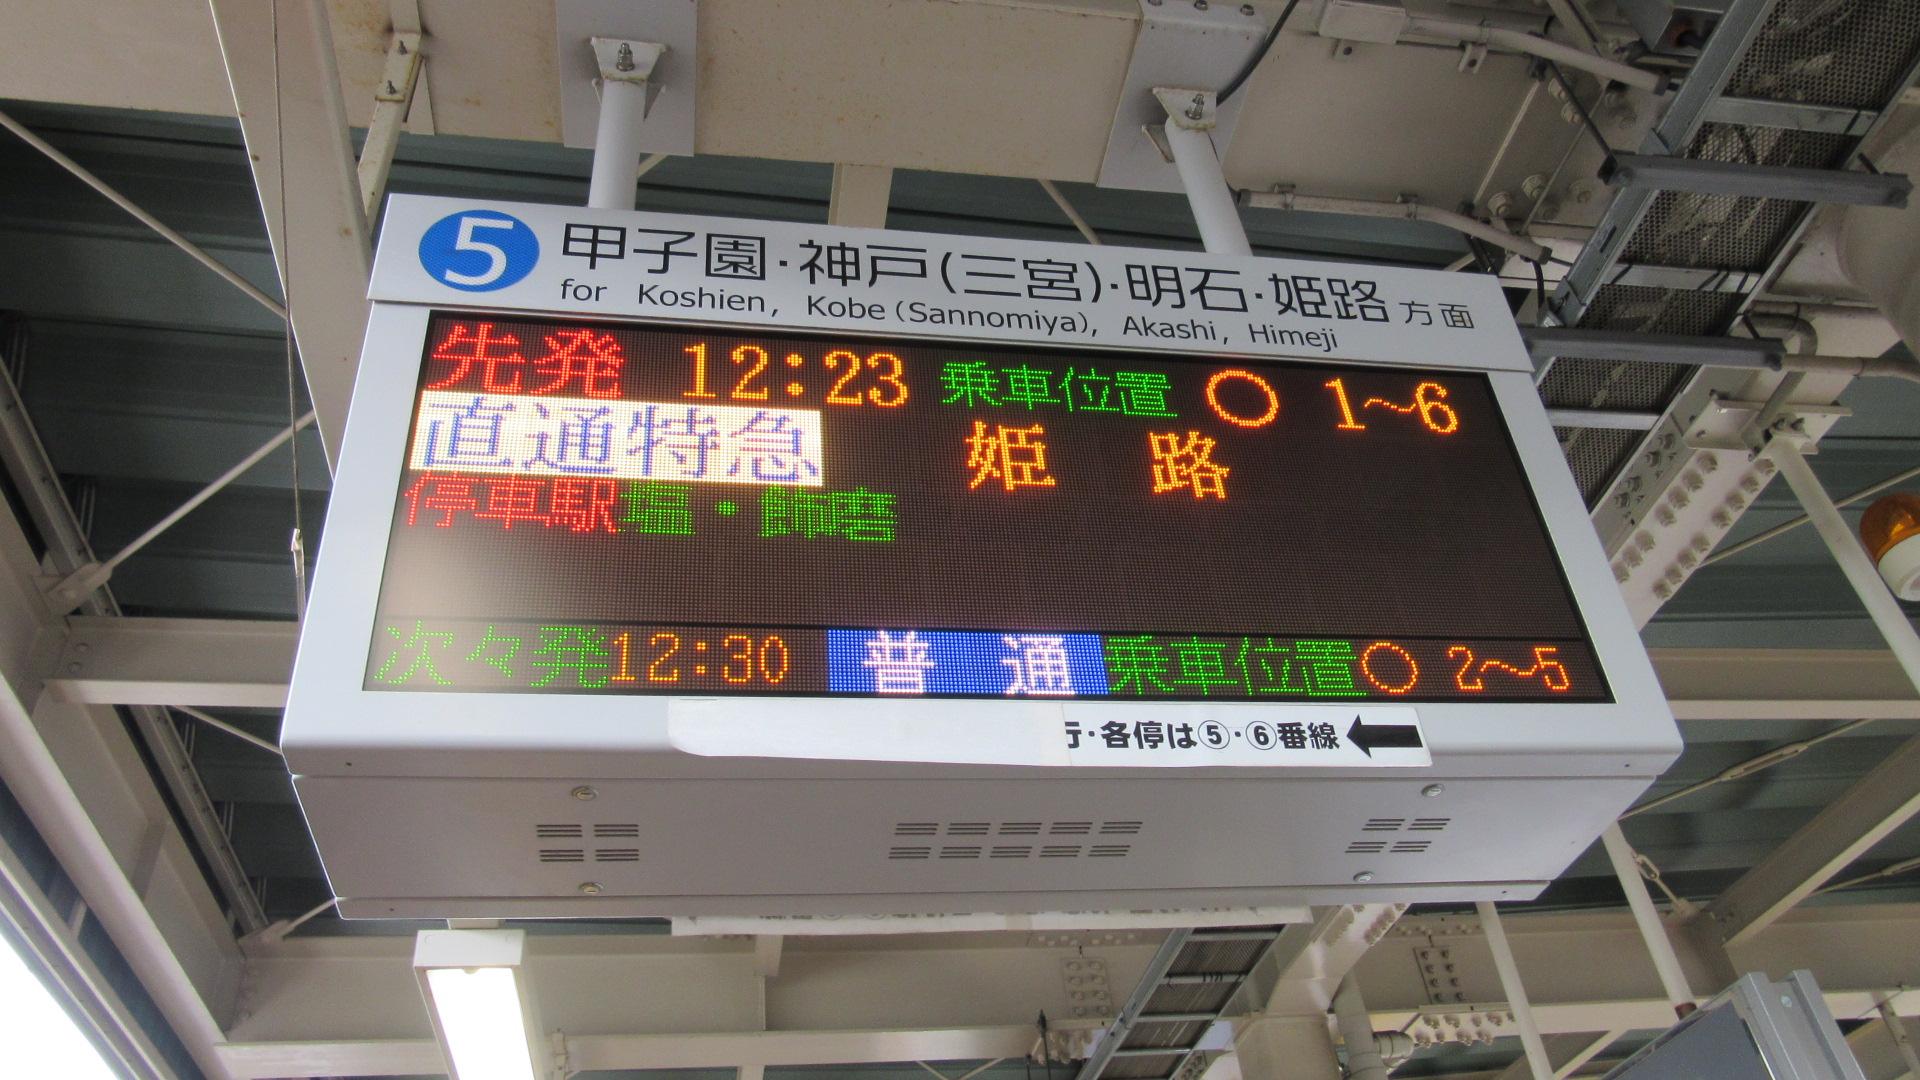 阪神電車 発車標 列車案内表示器